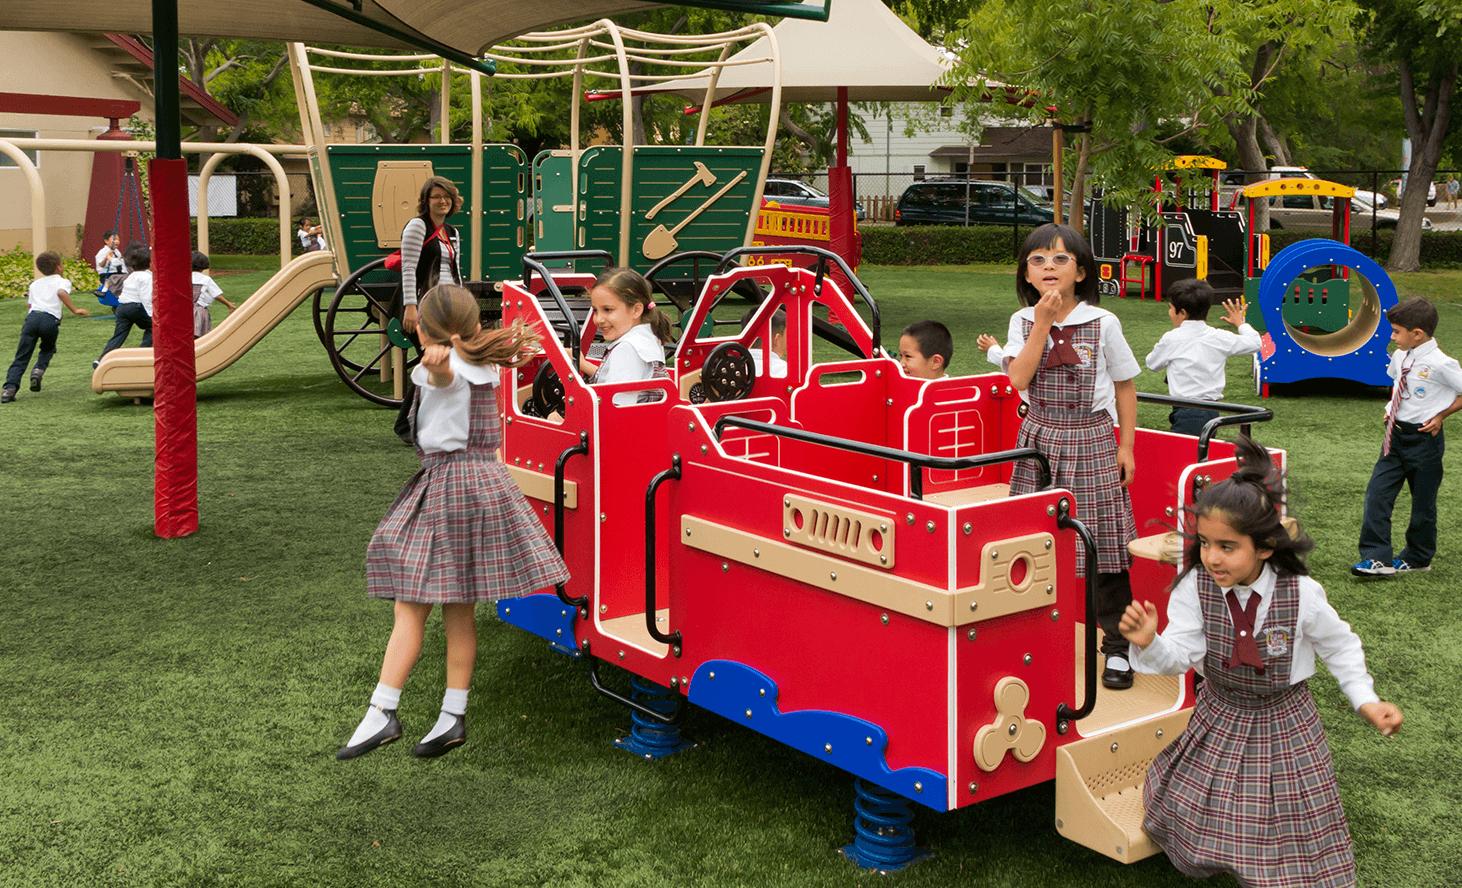 Playground Fun | Challenger School - Middlefield | Private School In Palo Alto, California